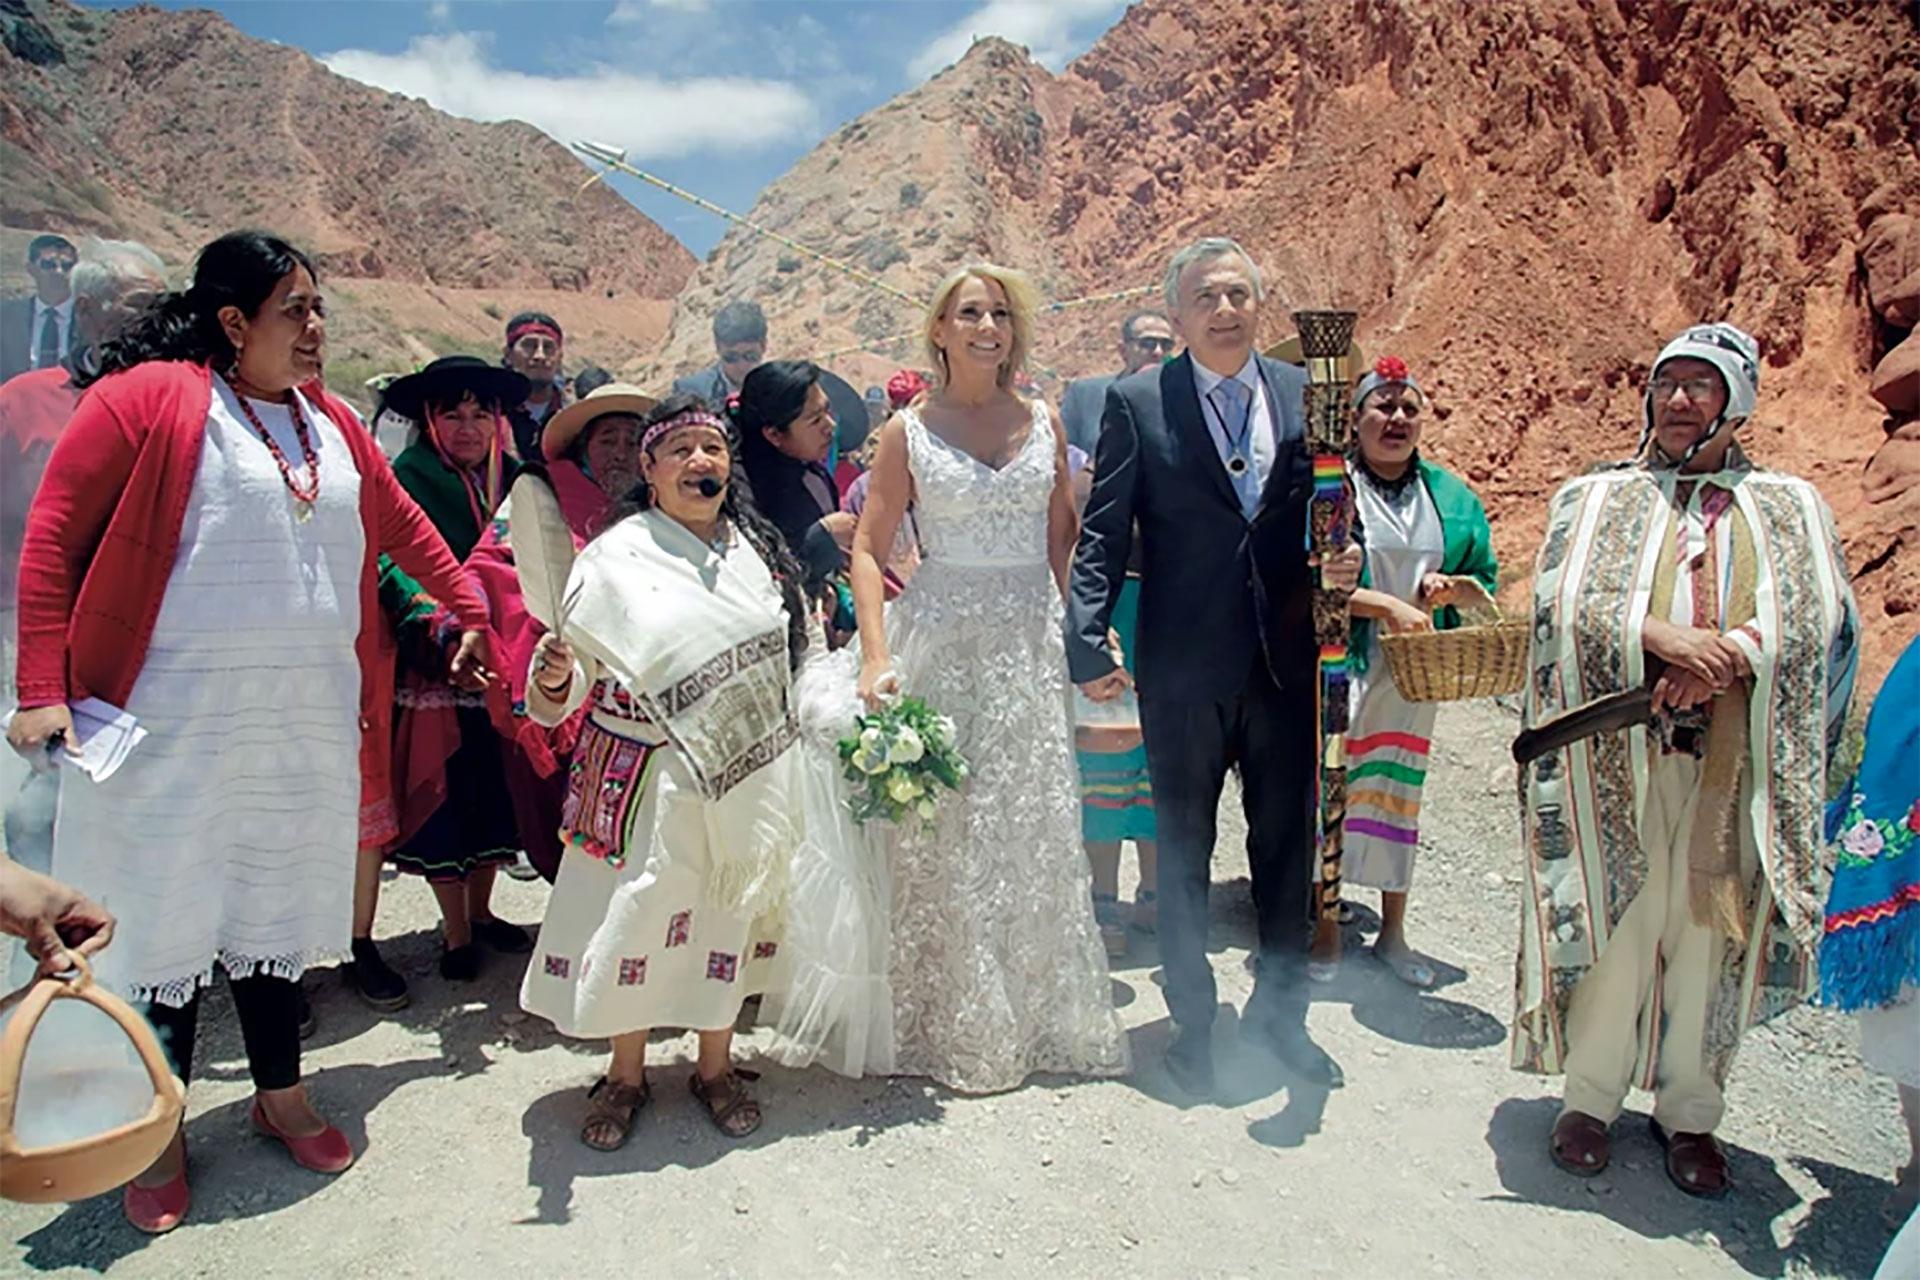 El gobernador jujeño se casó con la abogada Tulia Snopek en un emotivo ritual que incluyó ofrendas a la Pachamama. Fue la primera vez que un mandatario argentino contrae matrimonio a la usanza de los pueblos originarios.